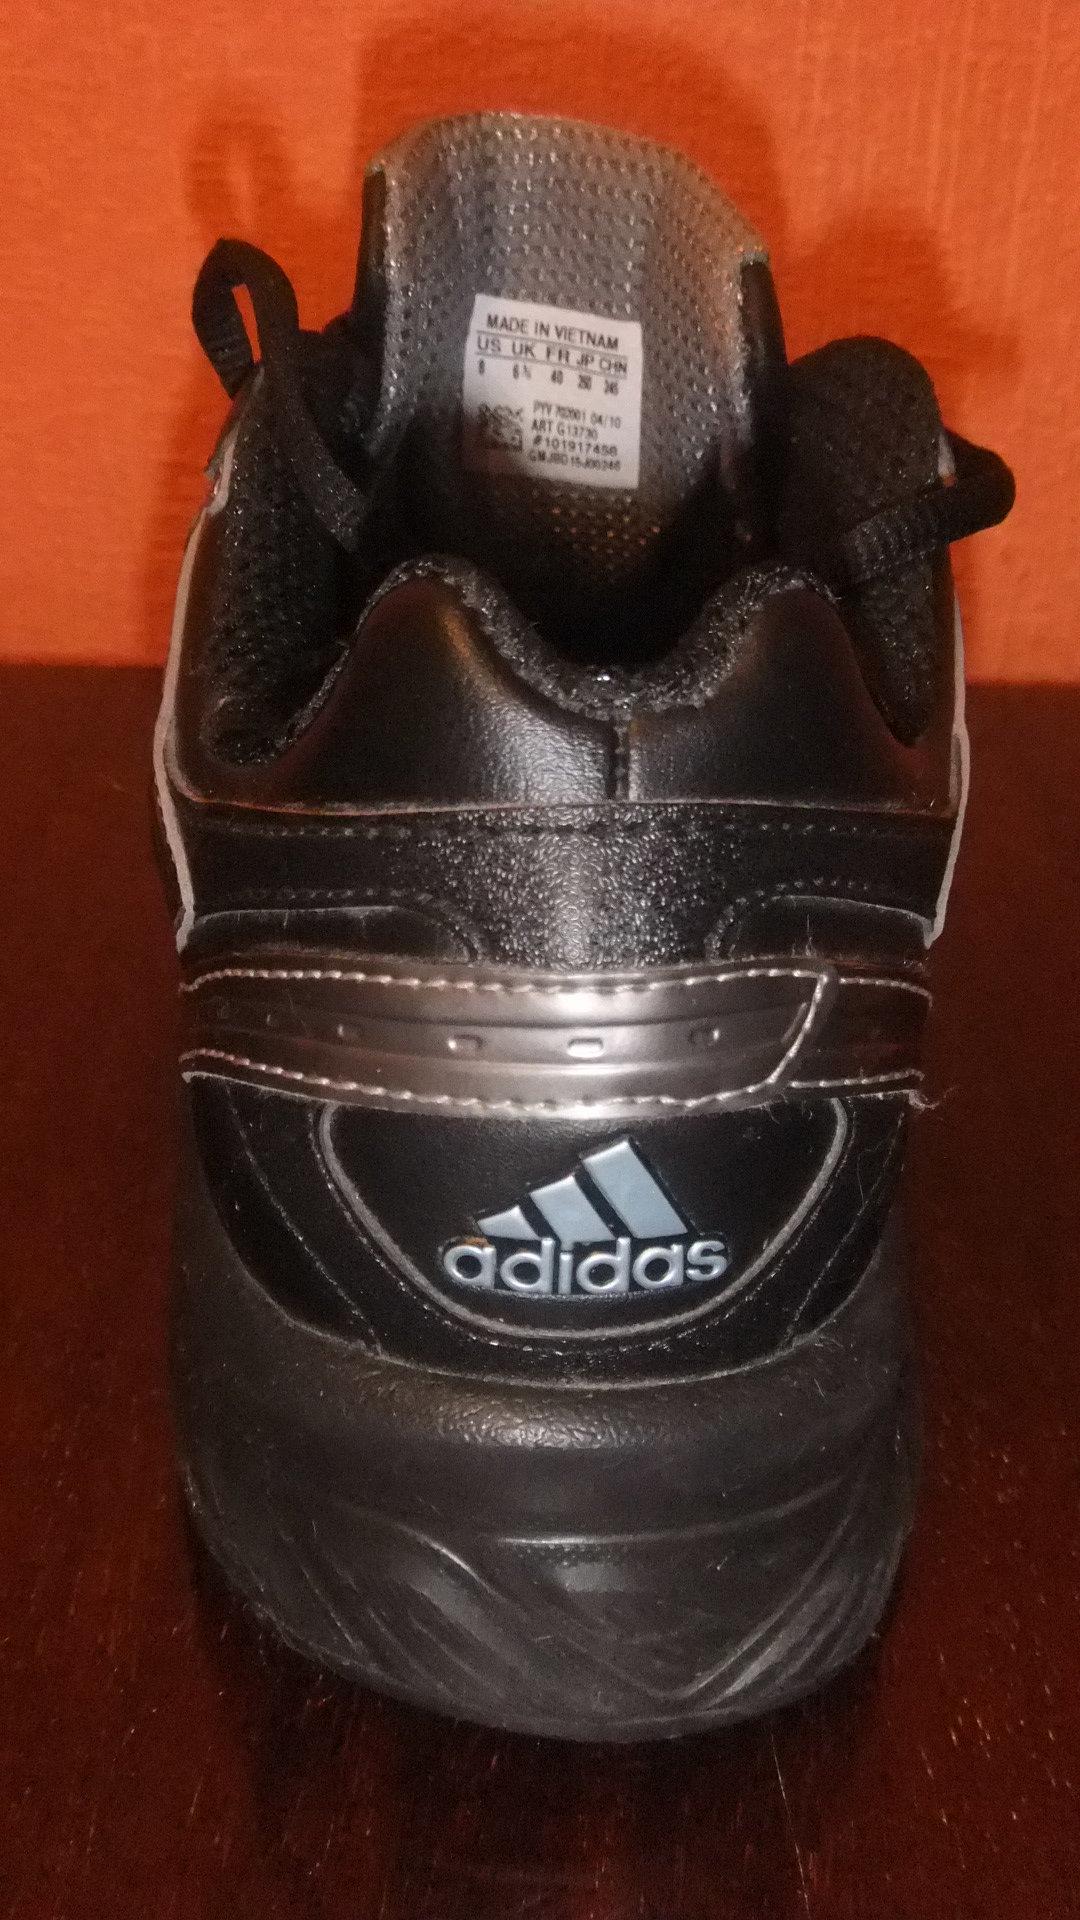 Кроссовки Adidas Adiprene зимние в Урае. Архив  Зимние кроссовки   25 тг.  Перейти ea50e1e7704c7